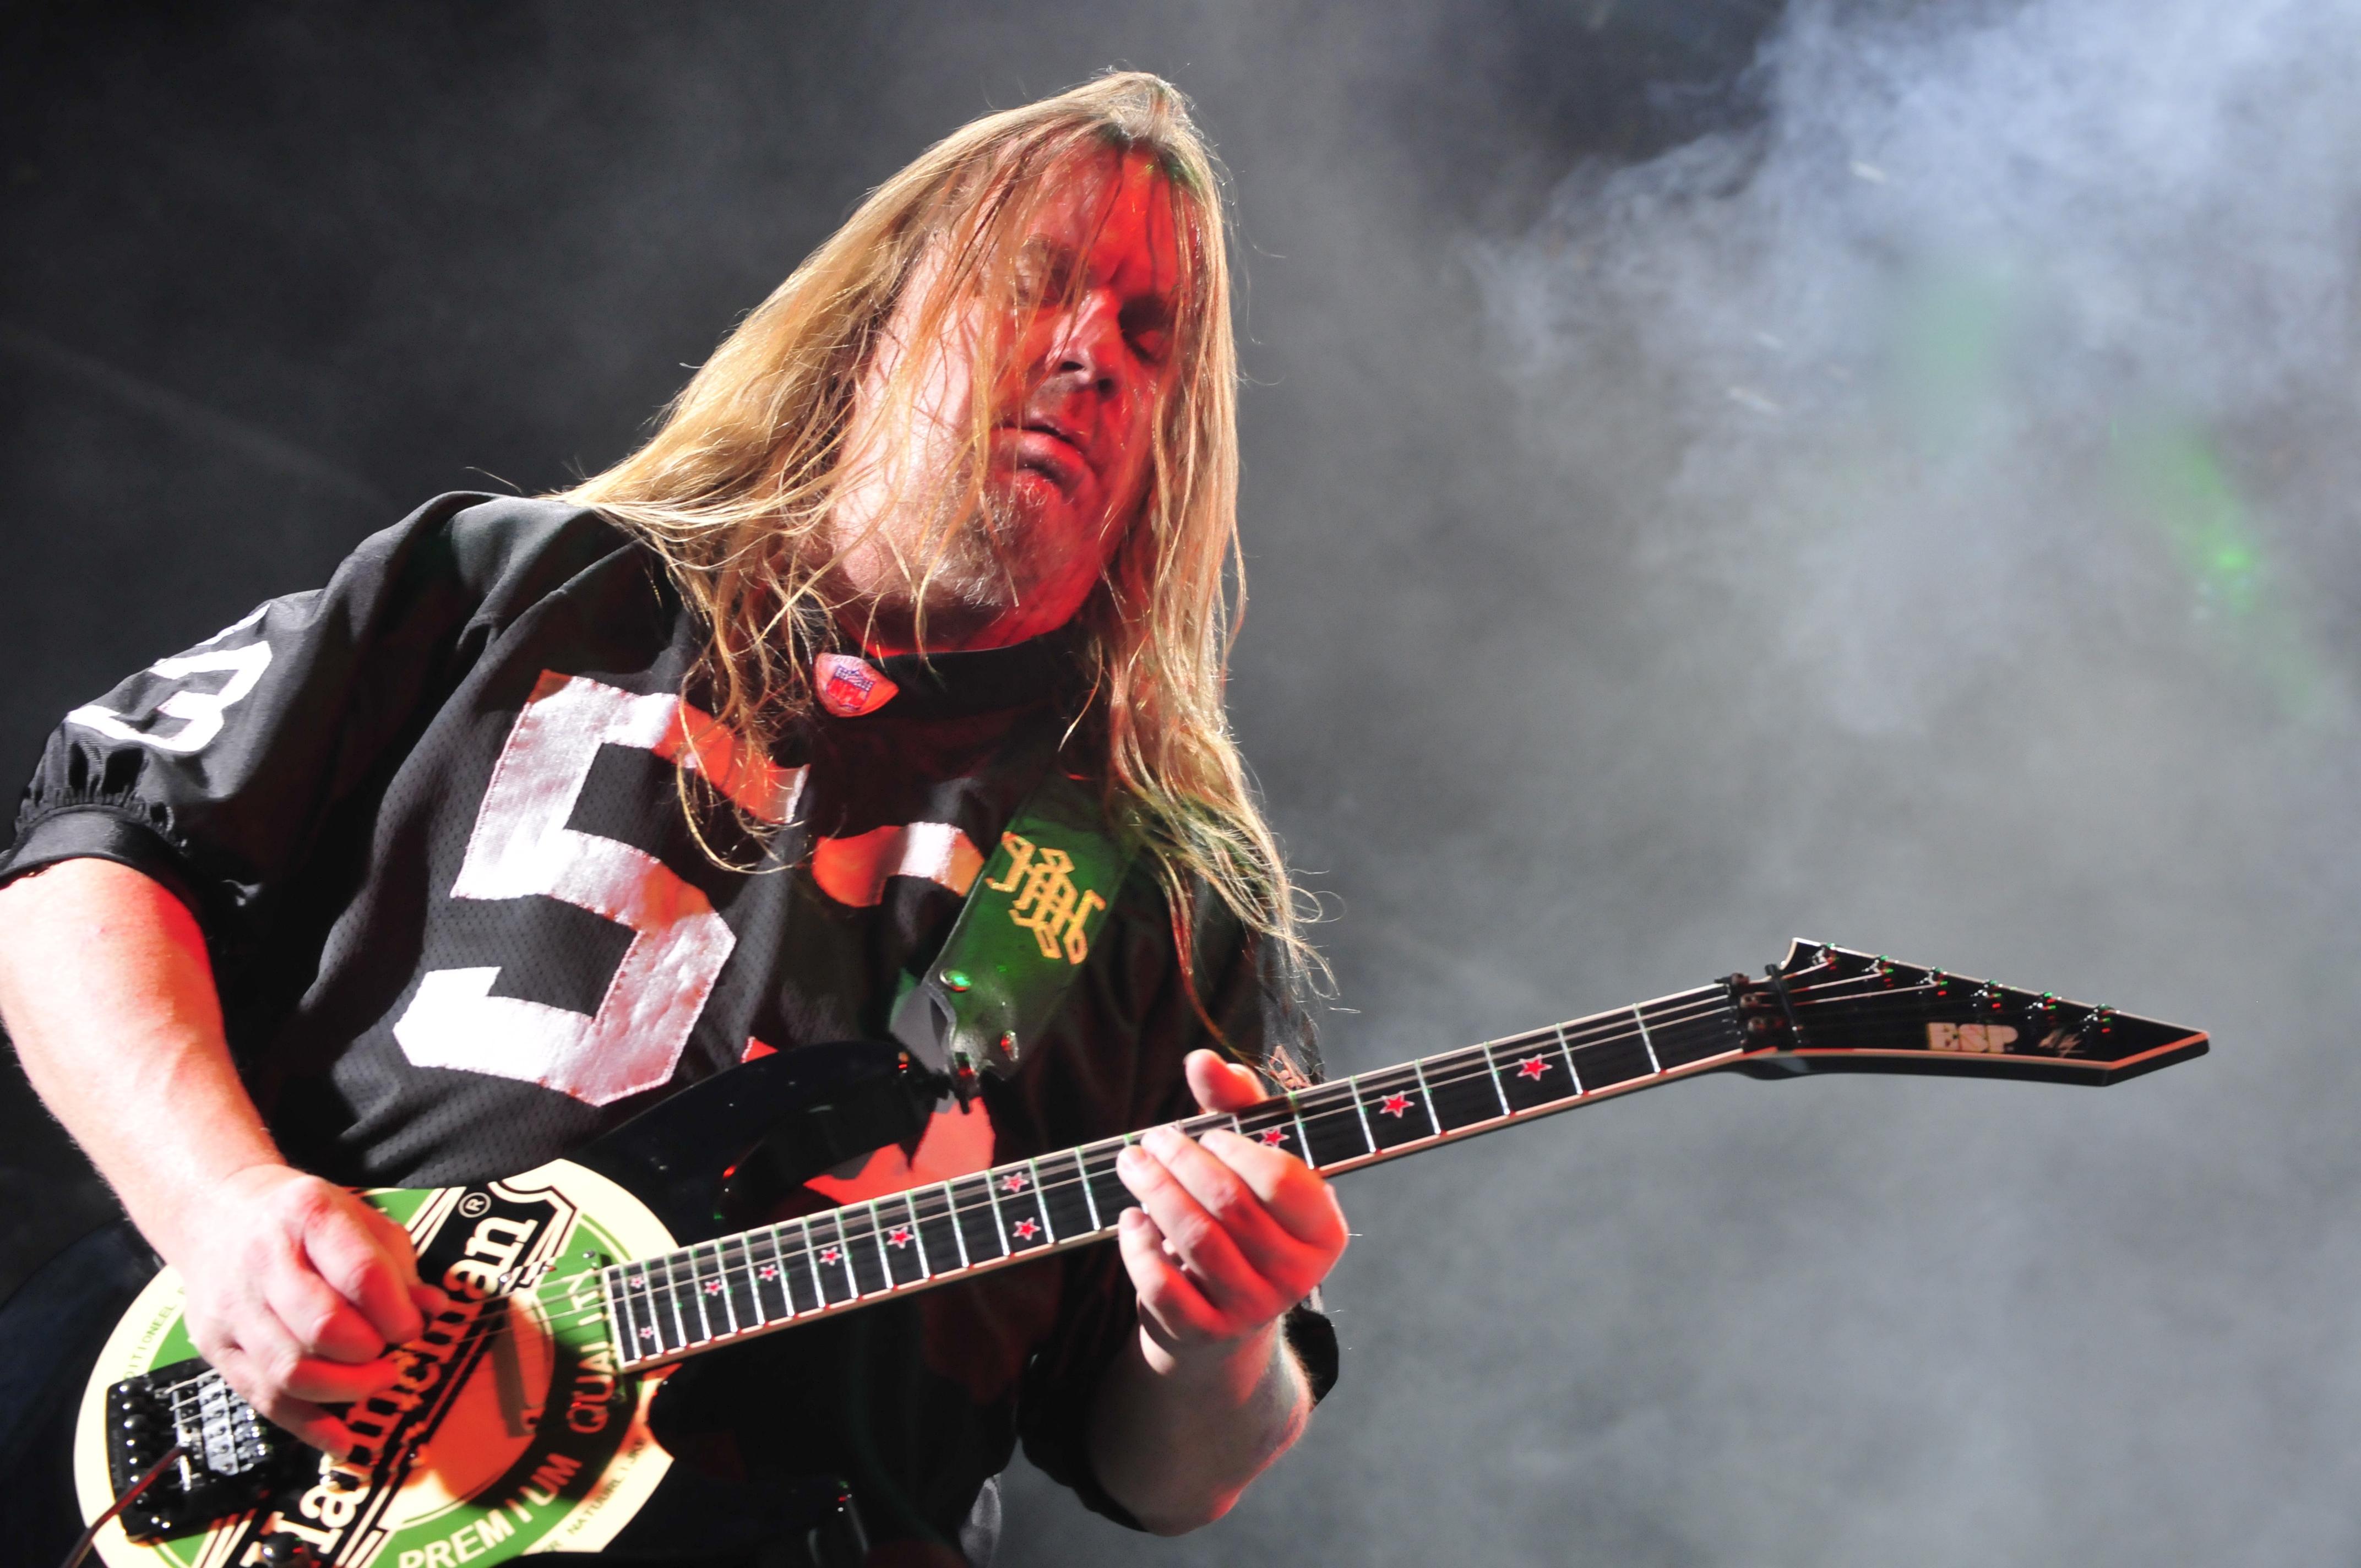 Sad Loss of a Metal Legend